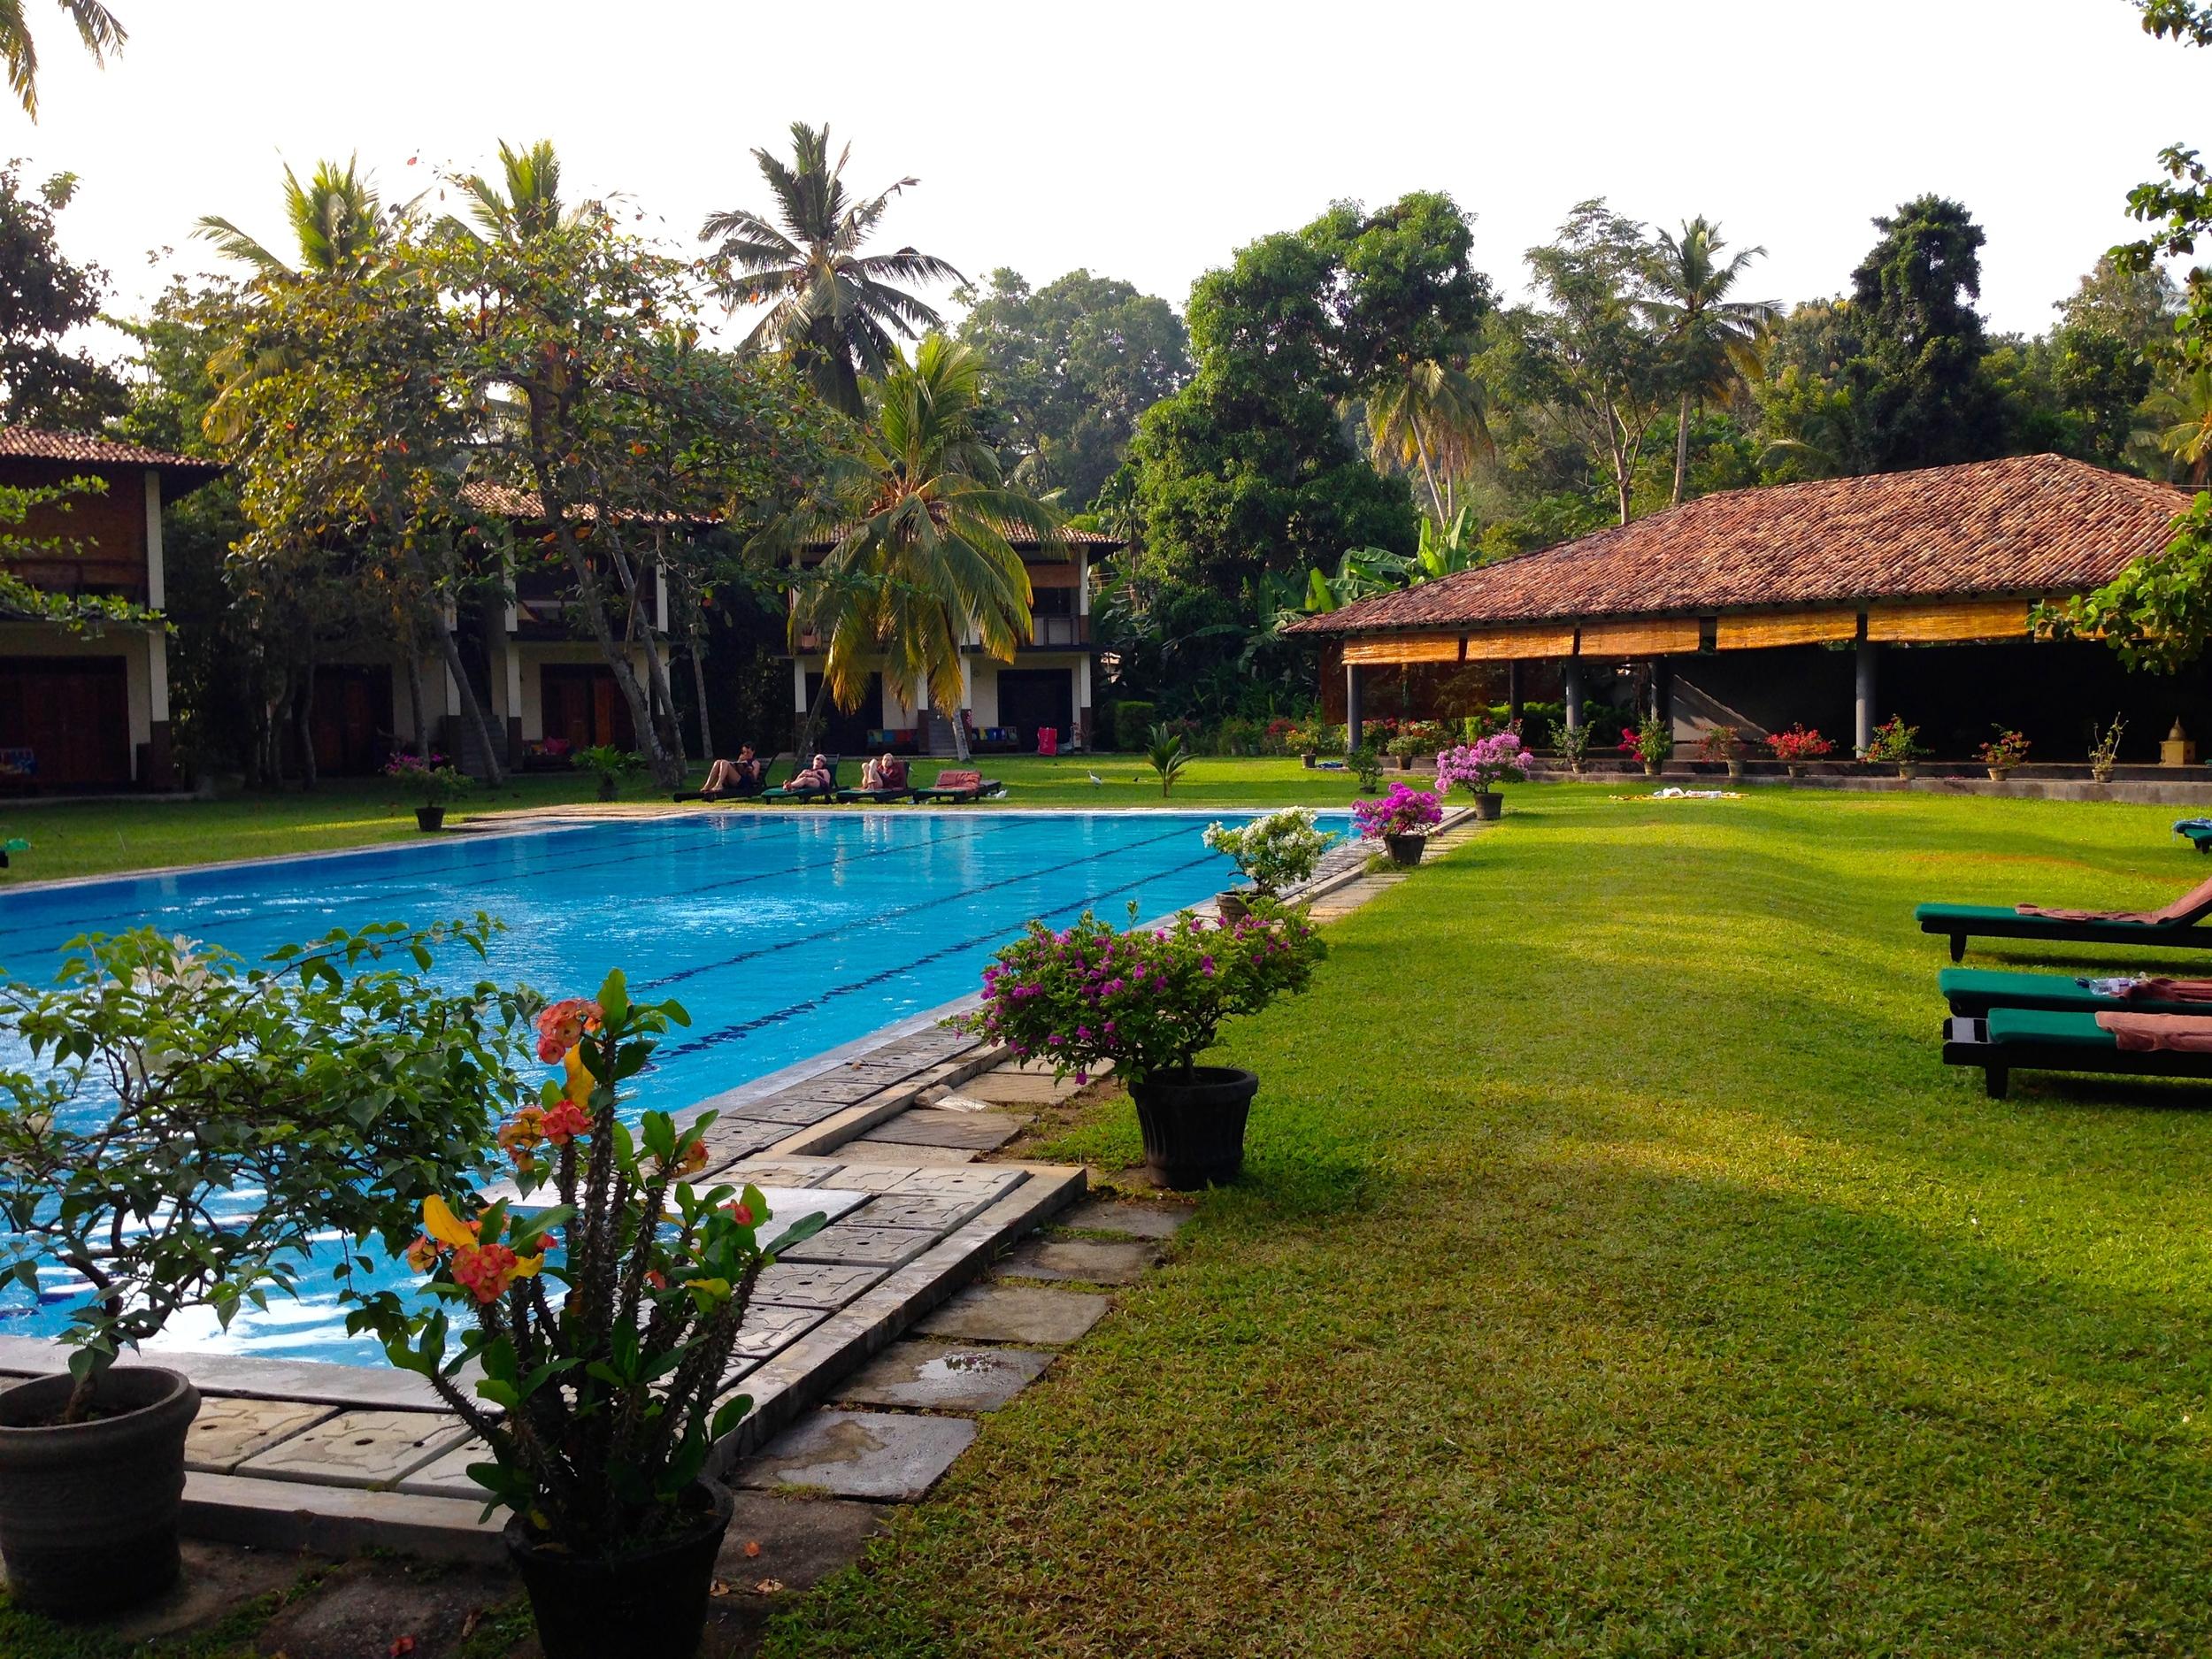 Pool at Talalla Retreat